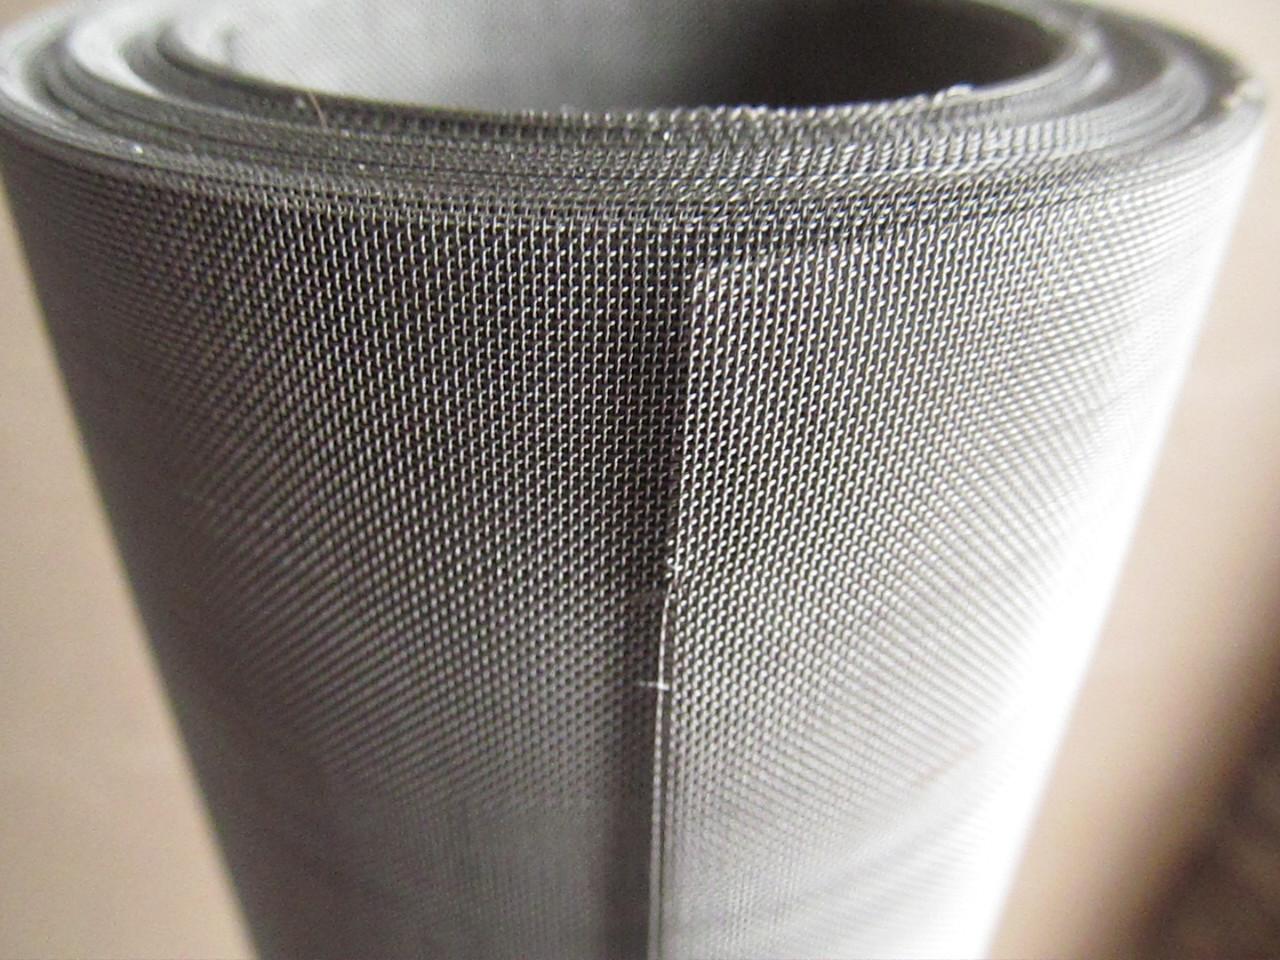 Сетка тканая из нержавеющей проволоки. Ячейка: 0,7мм, Проволока: 0,28мм, Ширина 1м.